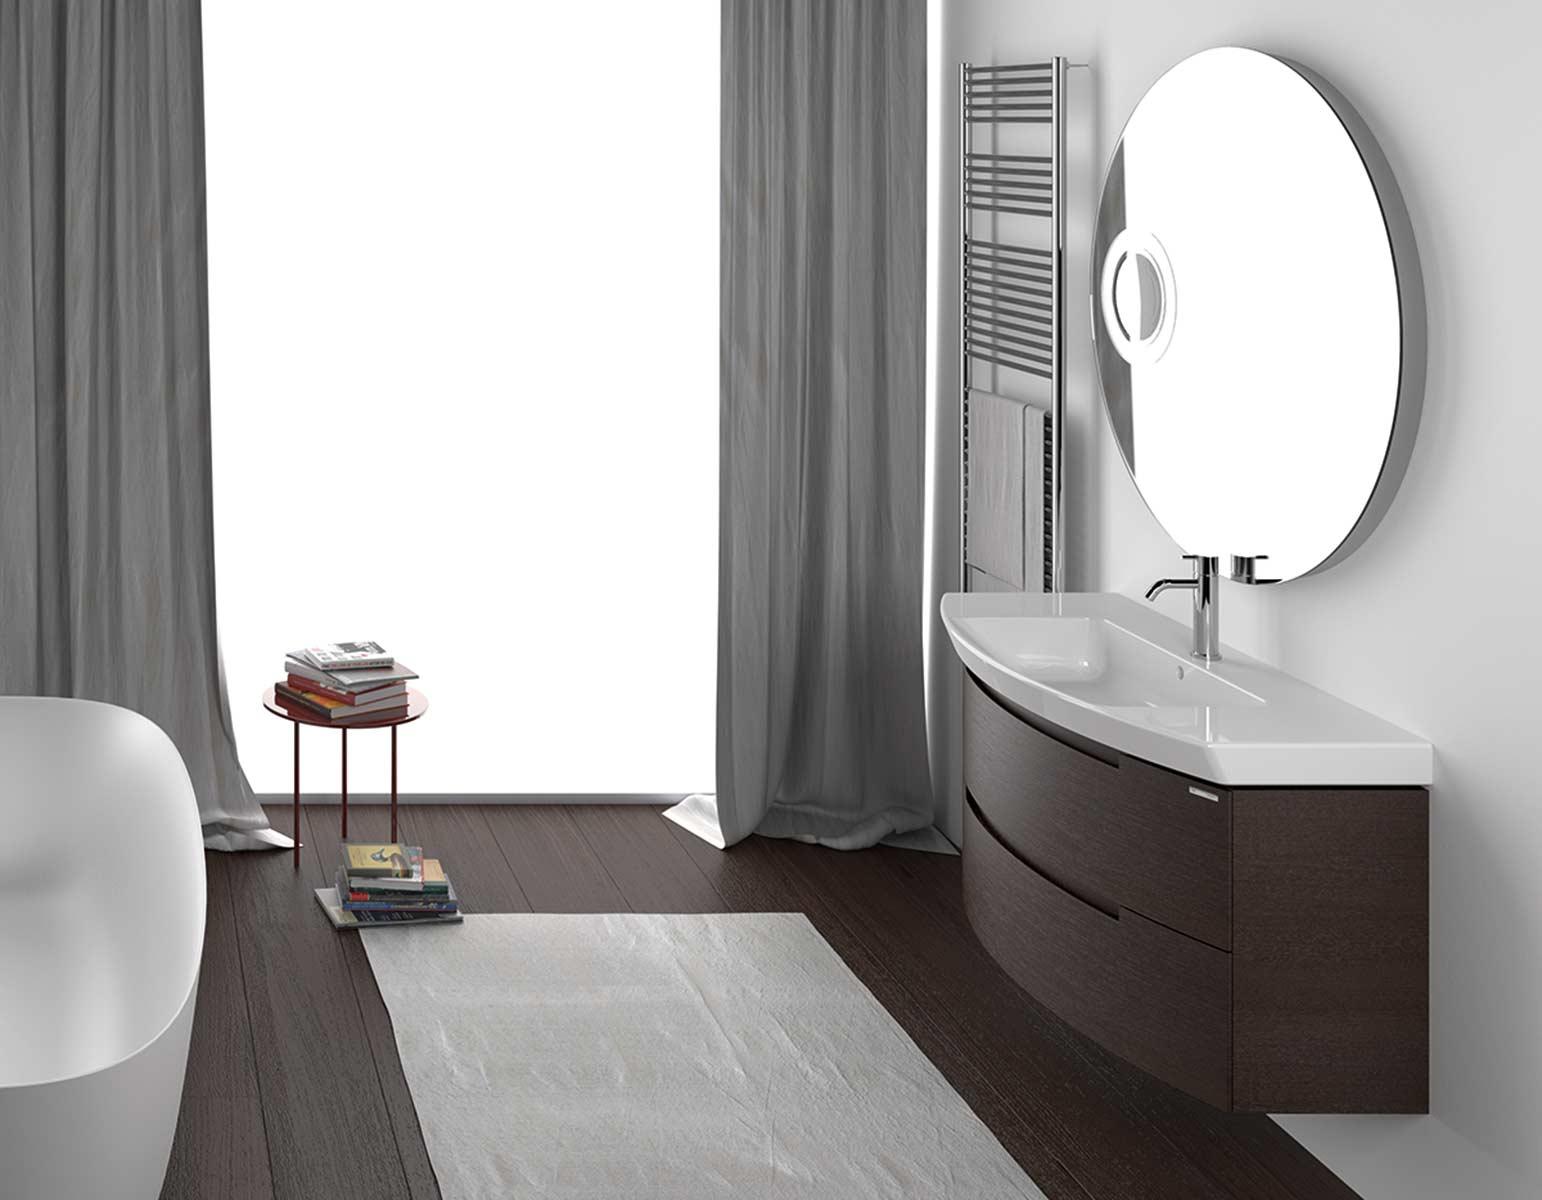 Lavatrice bagno soluzioni le migliori idee per la tua design per la casa - Berloni bagno prezzi ...